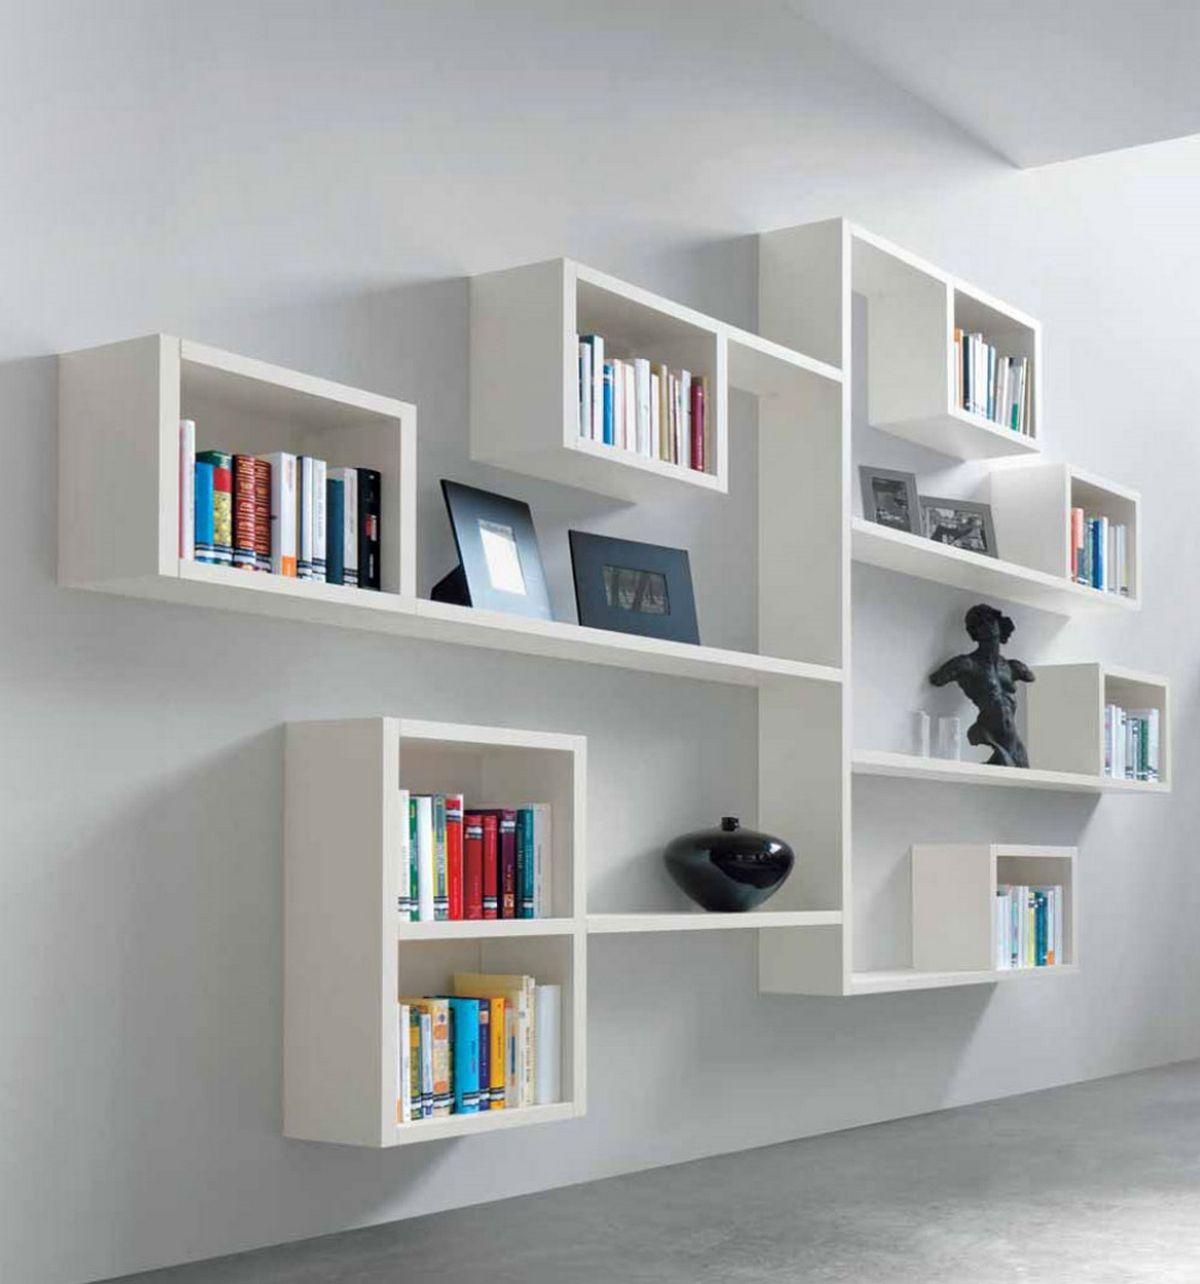 Elegant 26 Of The Most Creative Bookshelves Designs white bookshelves for wall